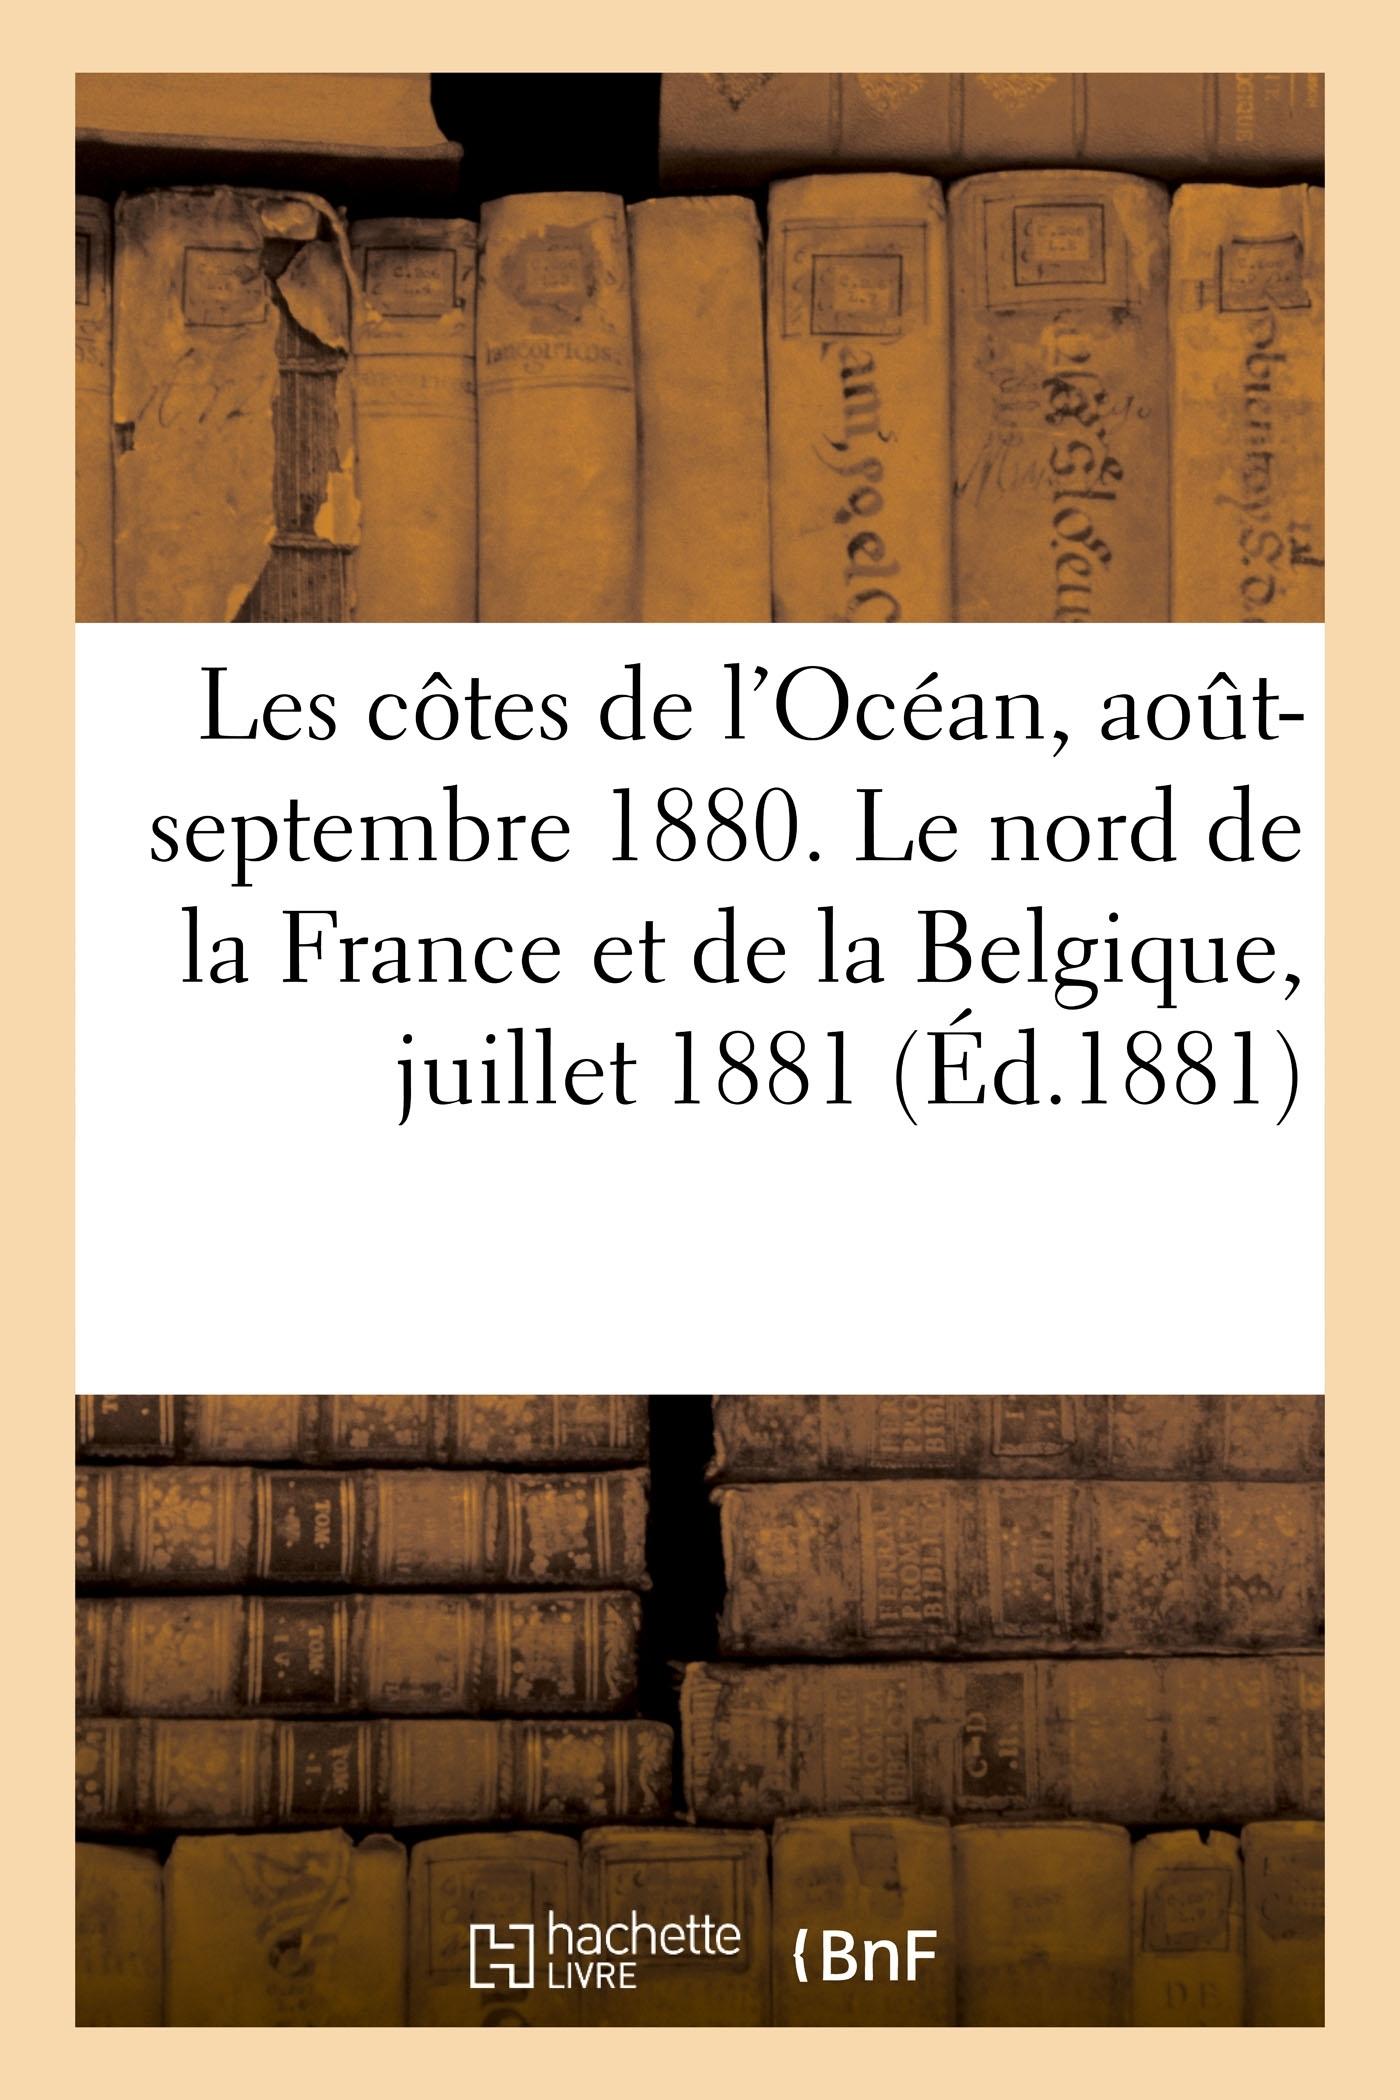 LES COTES DE L'OCEAN, AOUT-SEPTEMBRE 1880. LE NORD DE LA FRANCE ET DE LA BELGIQUE, JUILLET 1881 - LA